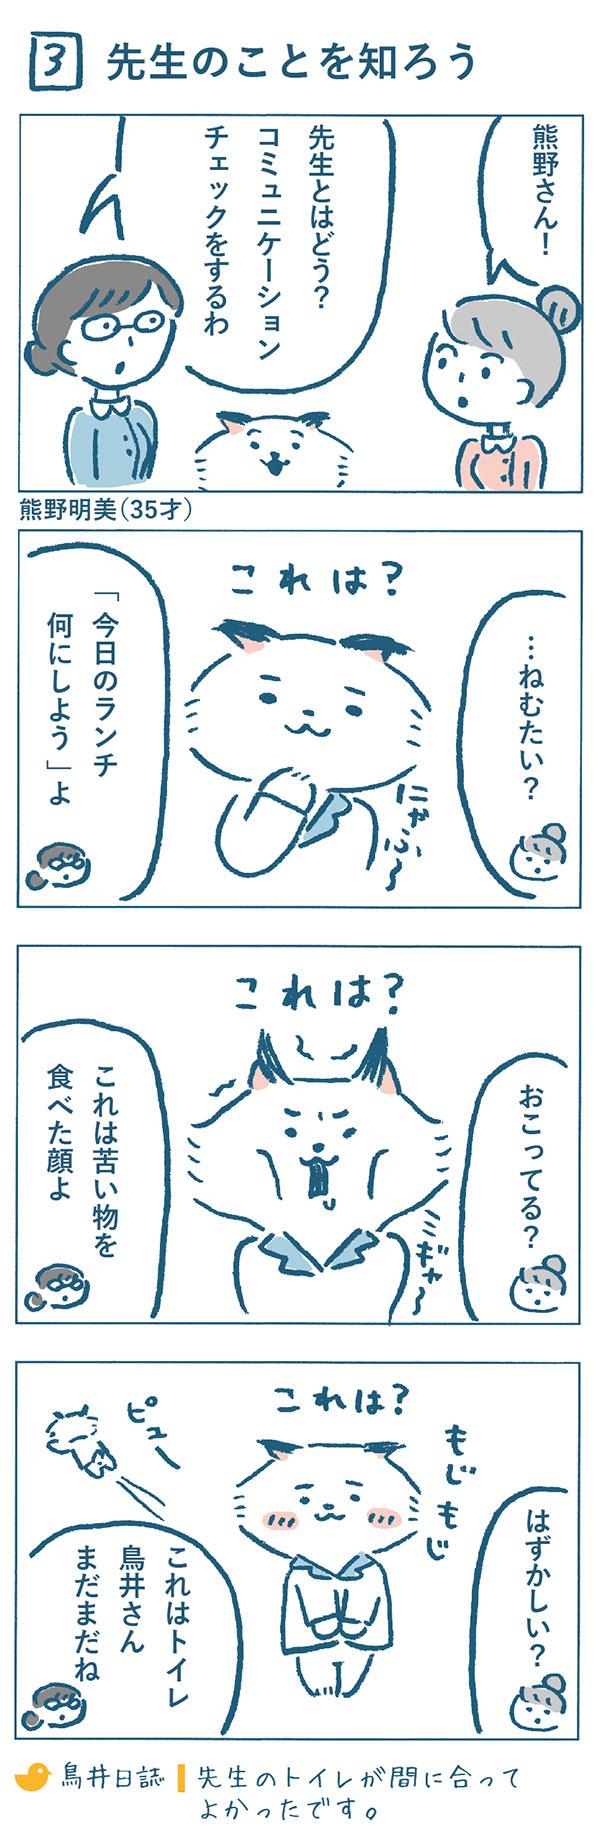 ある日奈央子は、職場の先輩の熊野明美さん(35才)に「先生とはどう?コミュニケーションチェックをするわ。」と課題を出されました。穏やかでぽーっとした顔をした先生を見て、奈央子は「…ねむたい?」と答えると、「今日のランチ何にしよう、よ」と訂正されました。眉間にシワをよせる先生を見て、「おこってる?」と判断したら、「これは苦い物を食べた顔よ」と言われてしまいます。頬を赤らめてもじもじしている先生を「はずかしい?」と答えると、「これはトイレ。鳥井さんまだまだね。」とまた間違い。まだまだ先生のコミュニケーションを読み取れない奈央子なのでした。